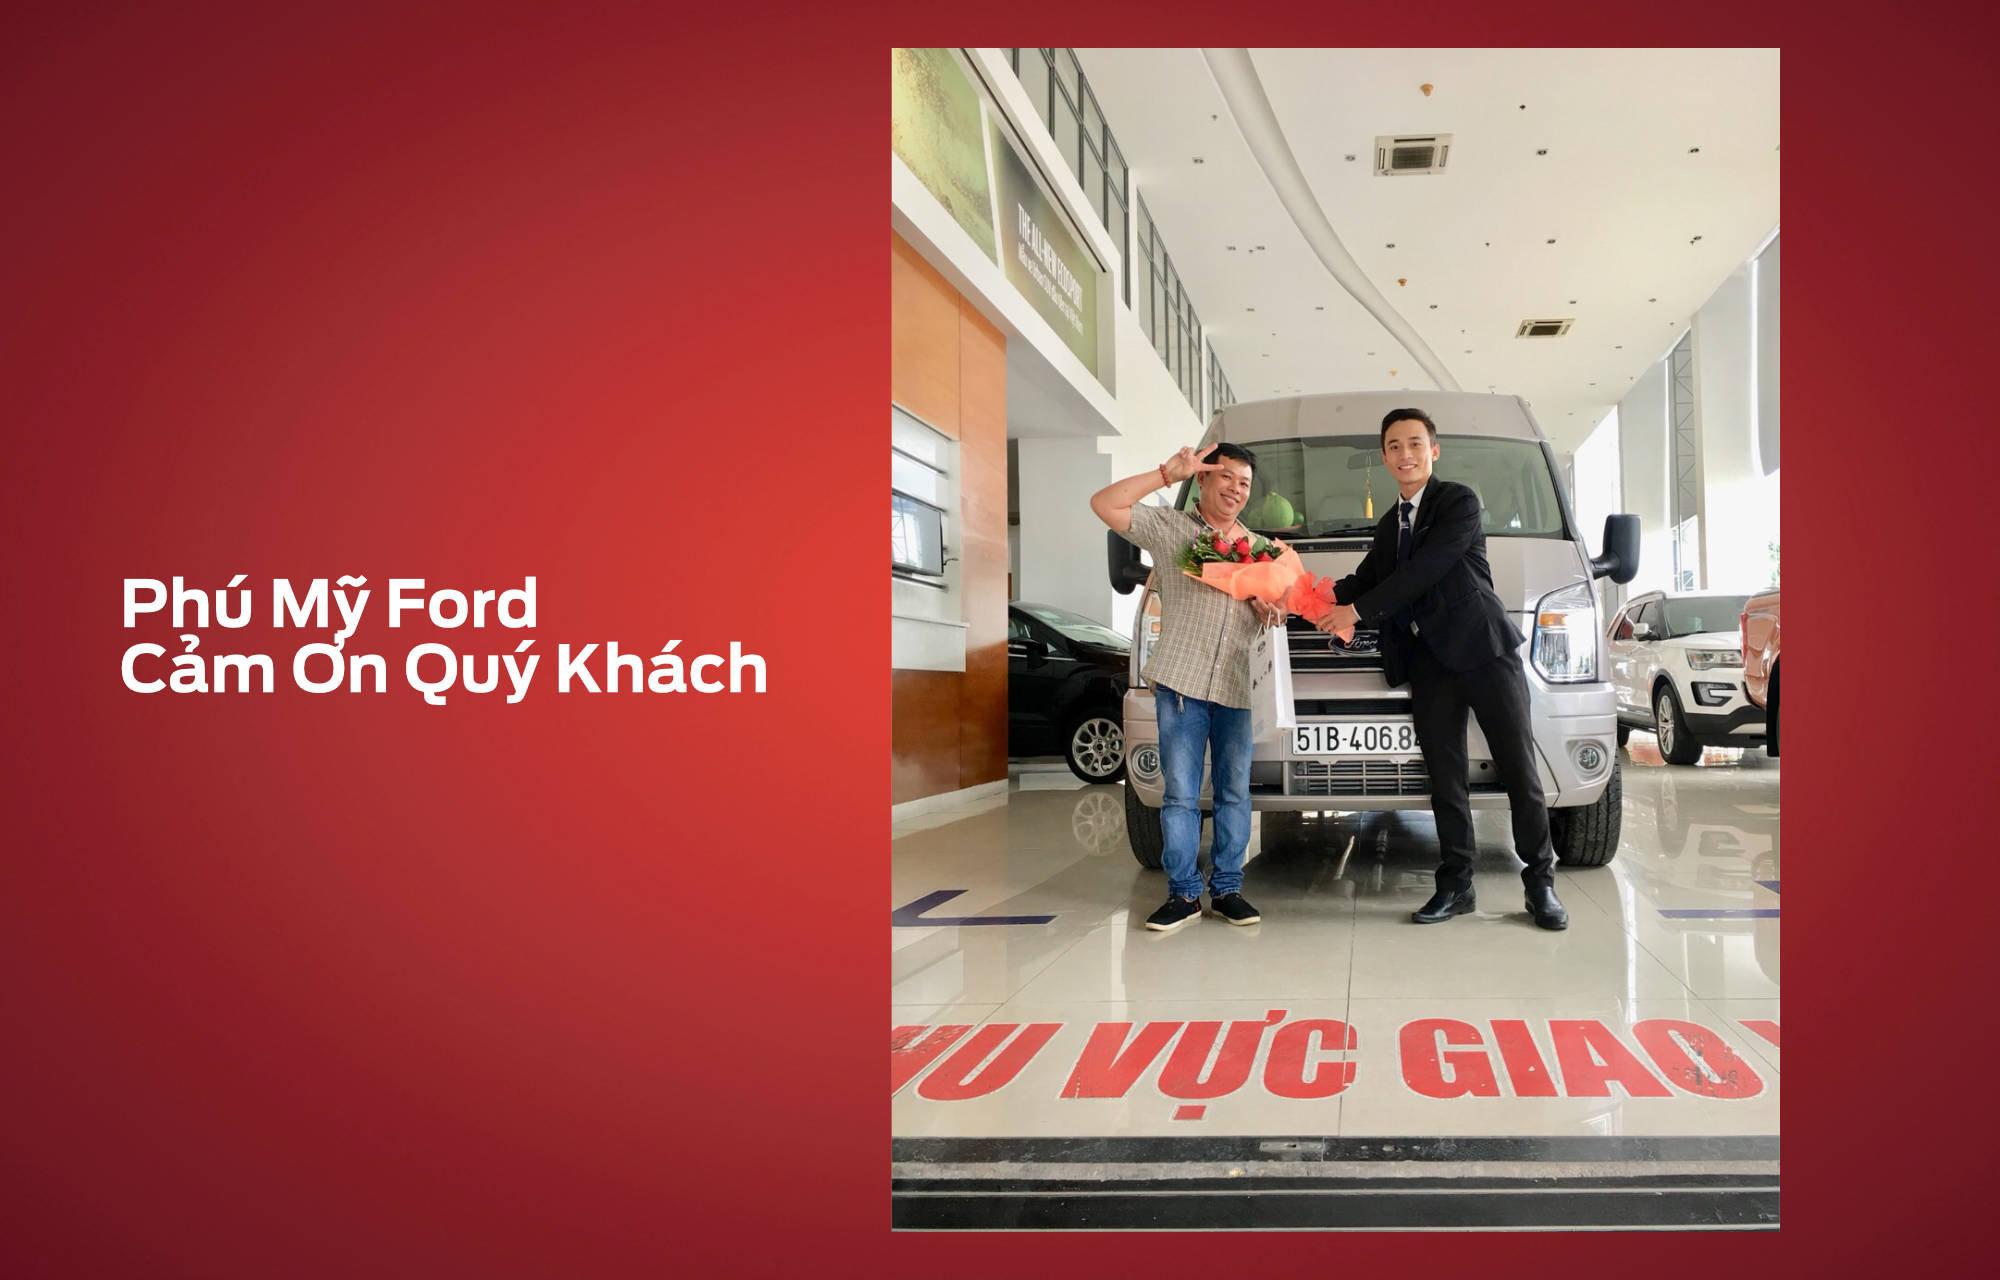 Khach hang mua xe thang 11 Phu My Ford